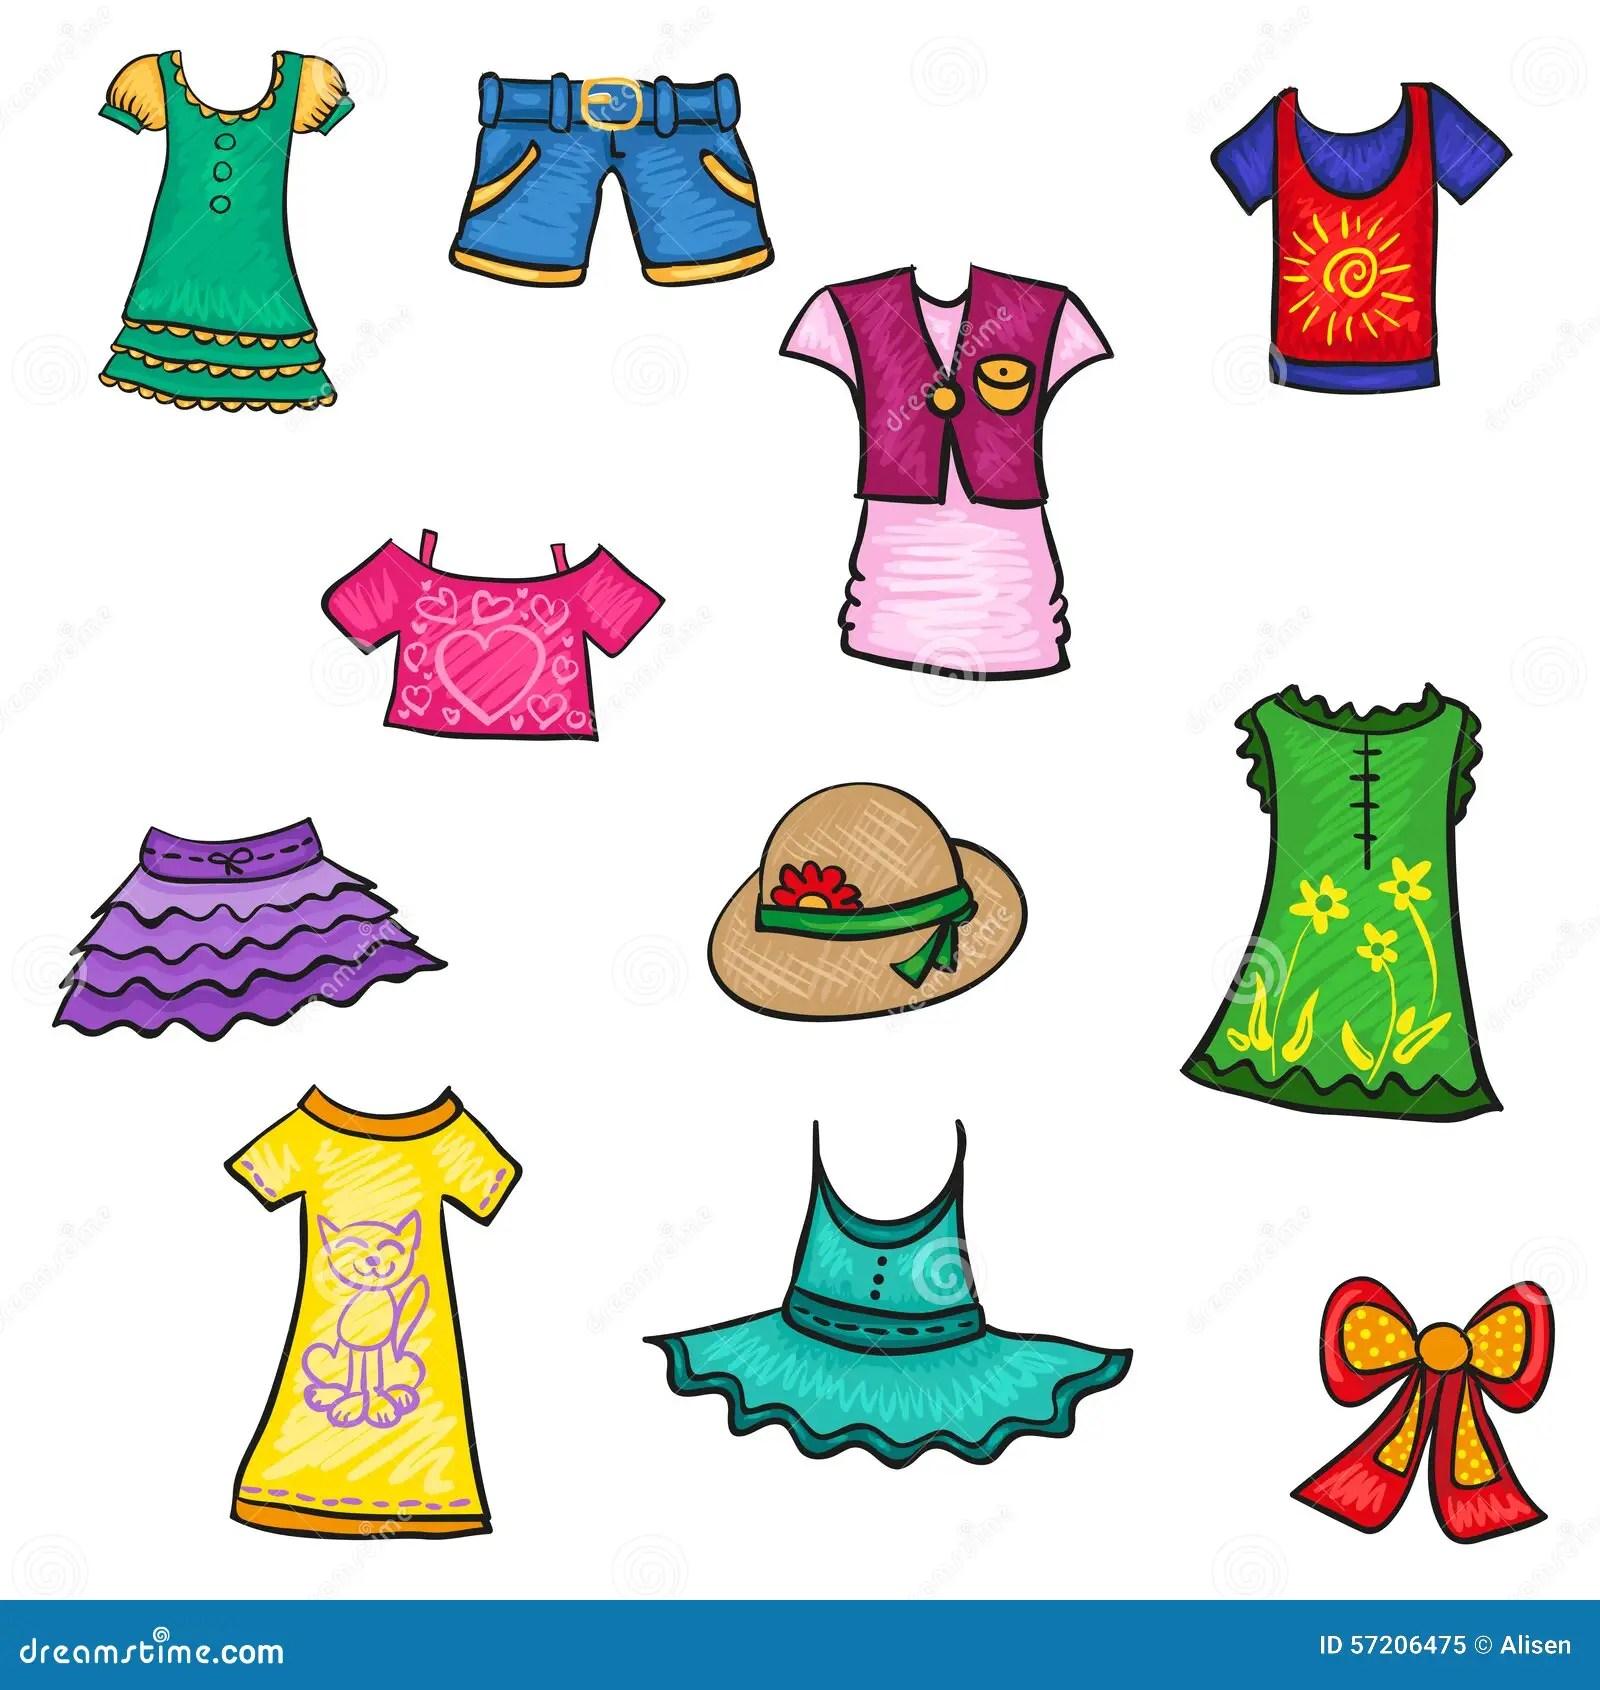 Drawing Clothing Worksheet